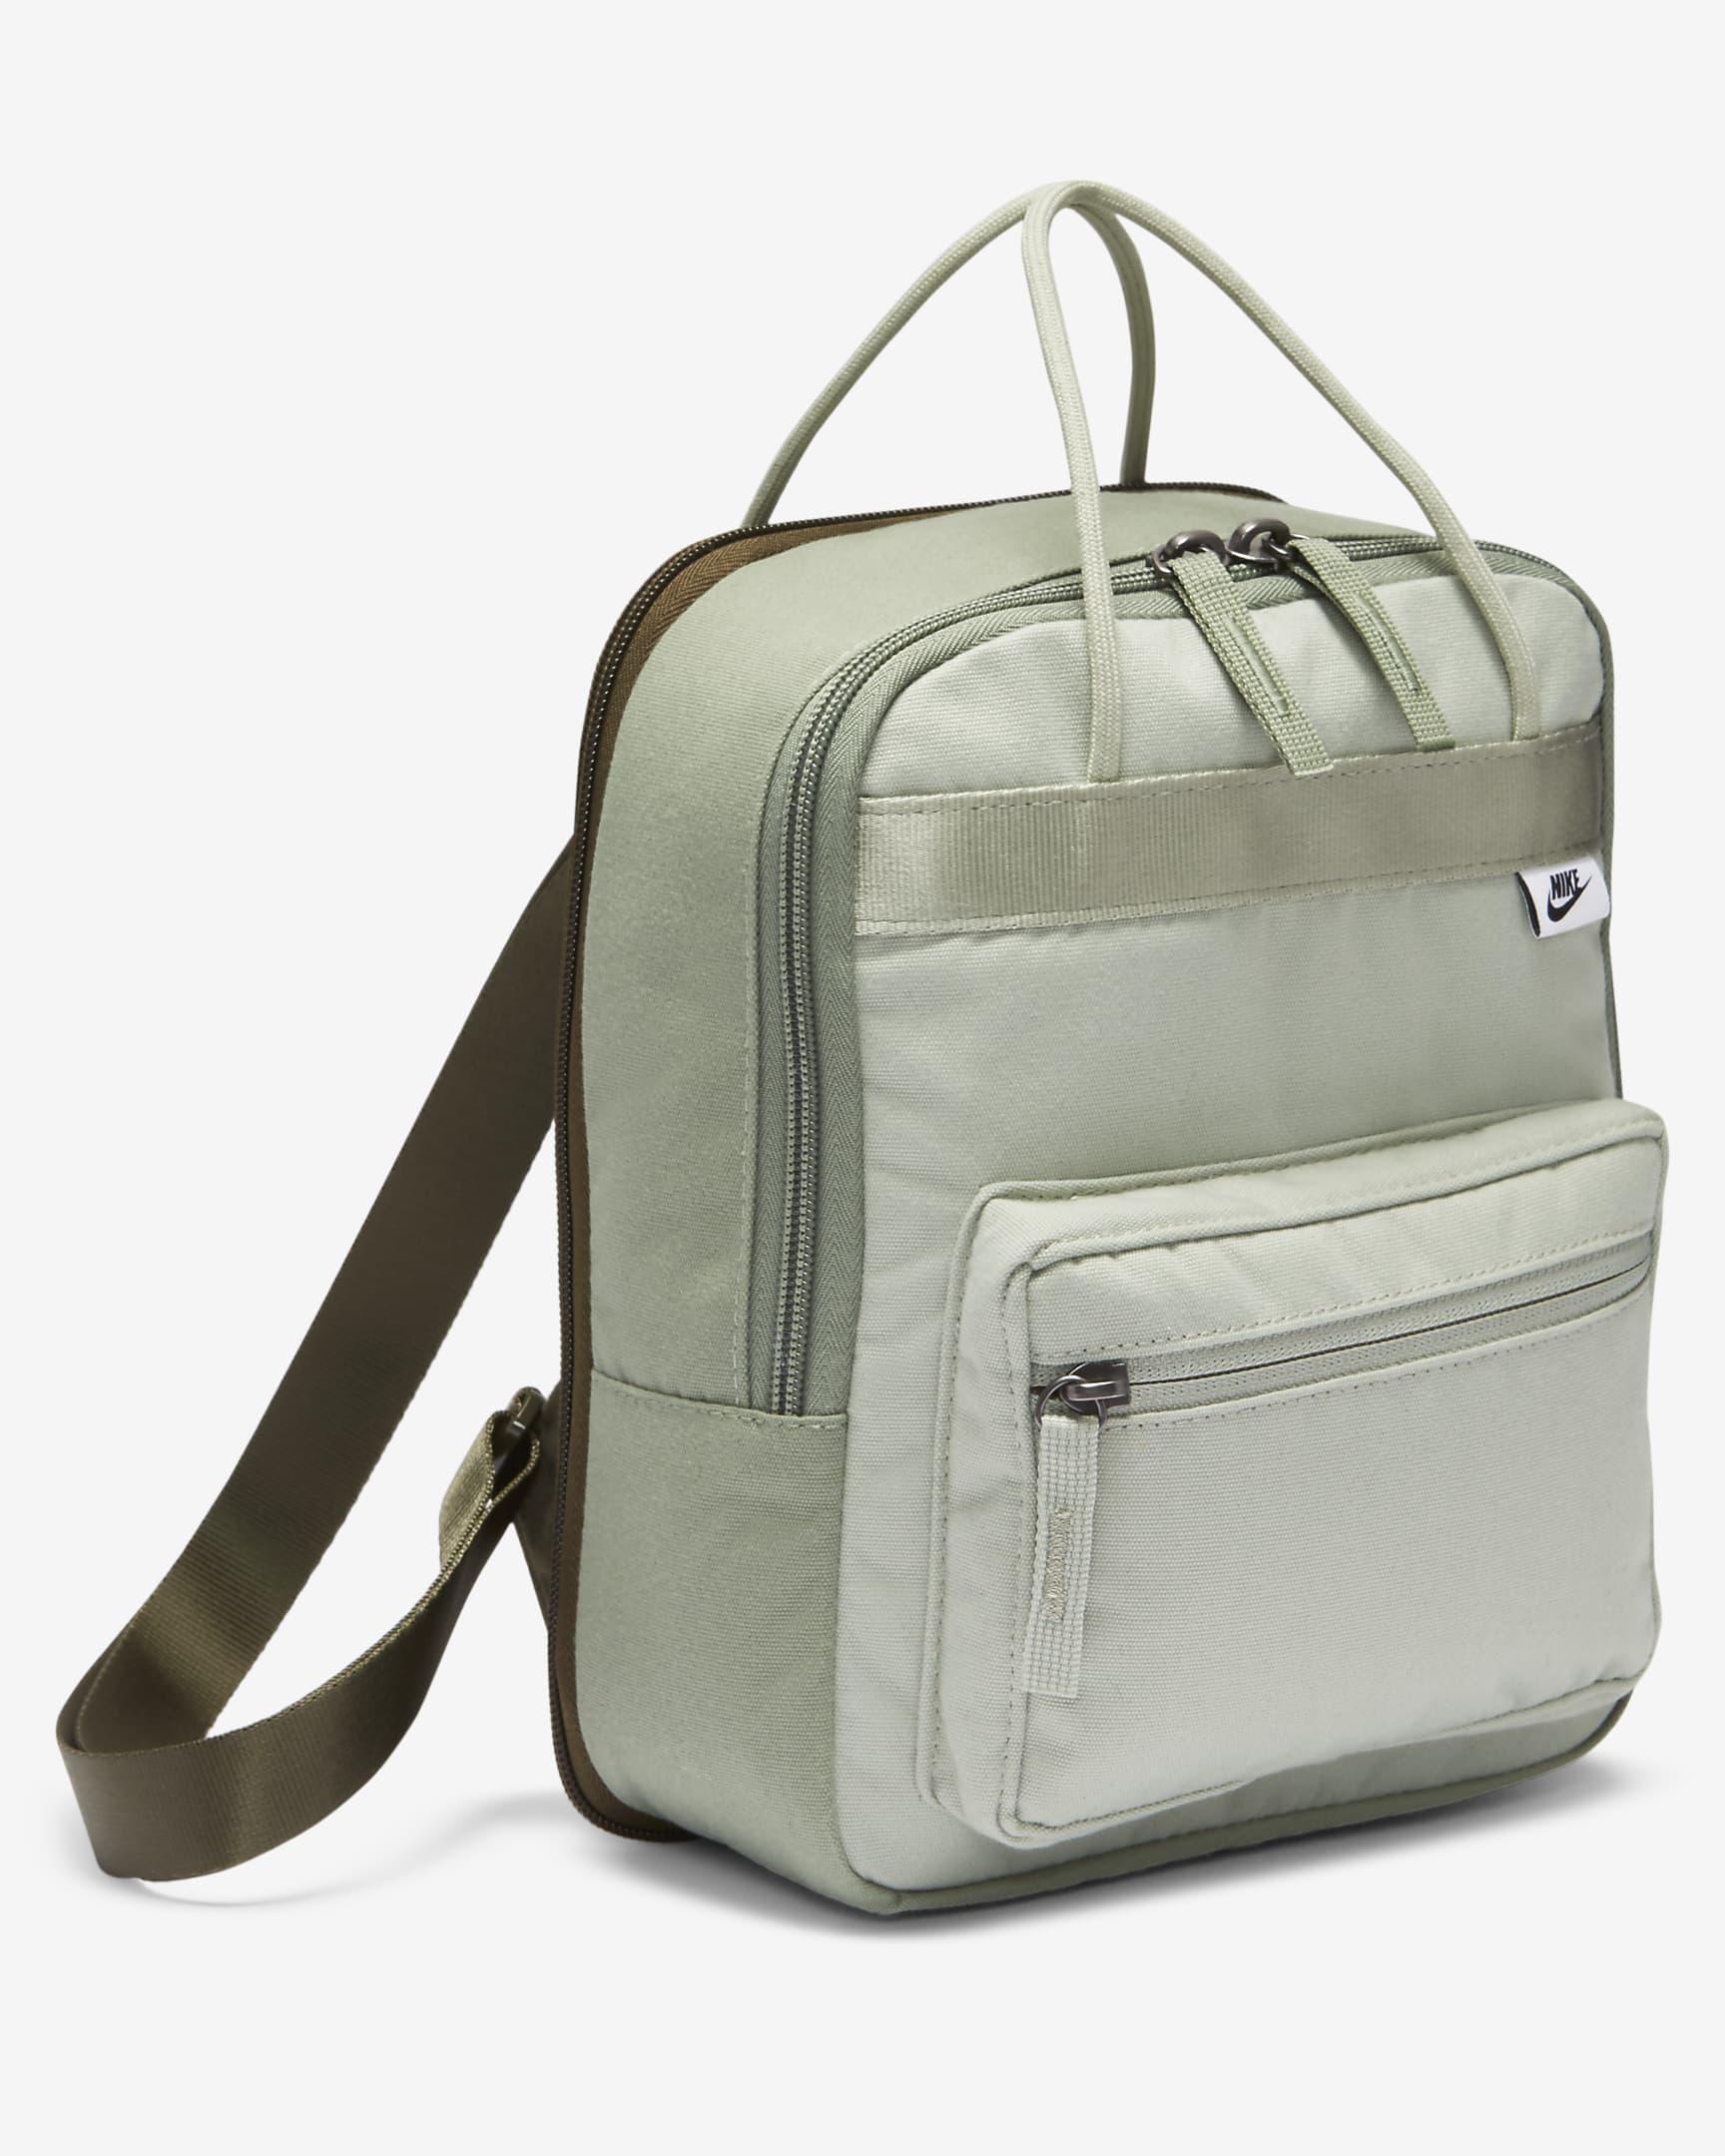 Mini mochila Tanjun en color caqui